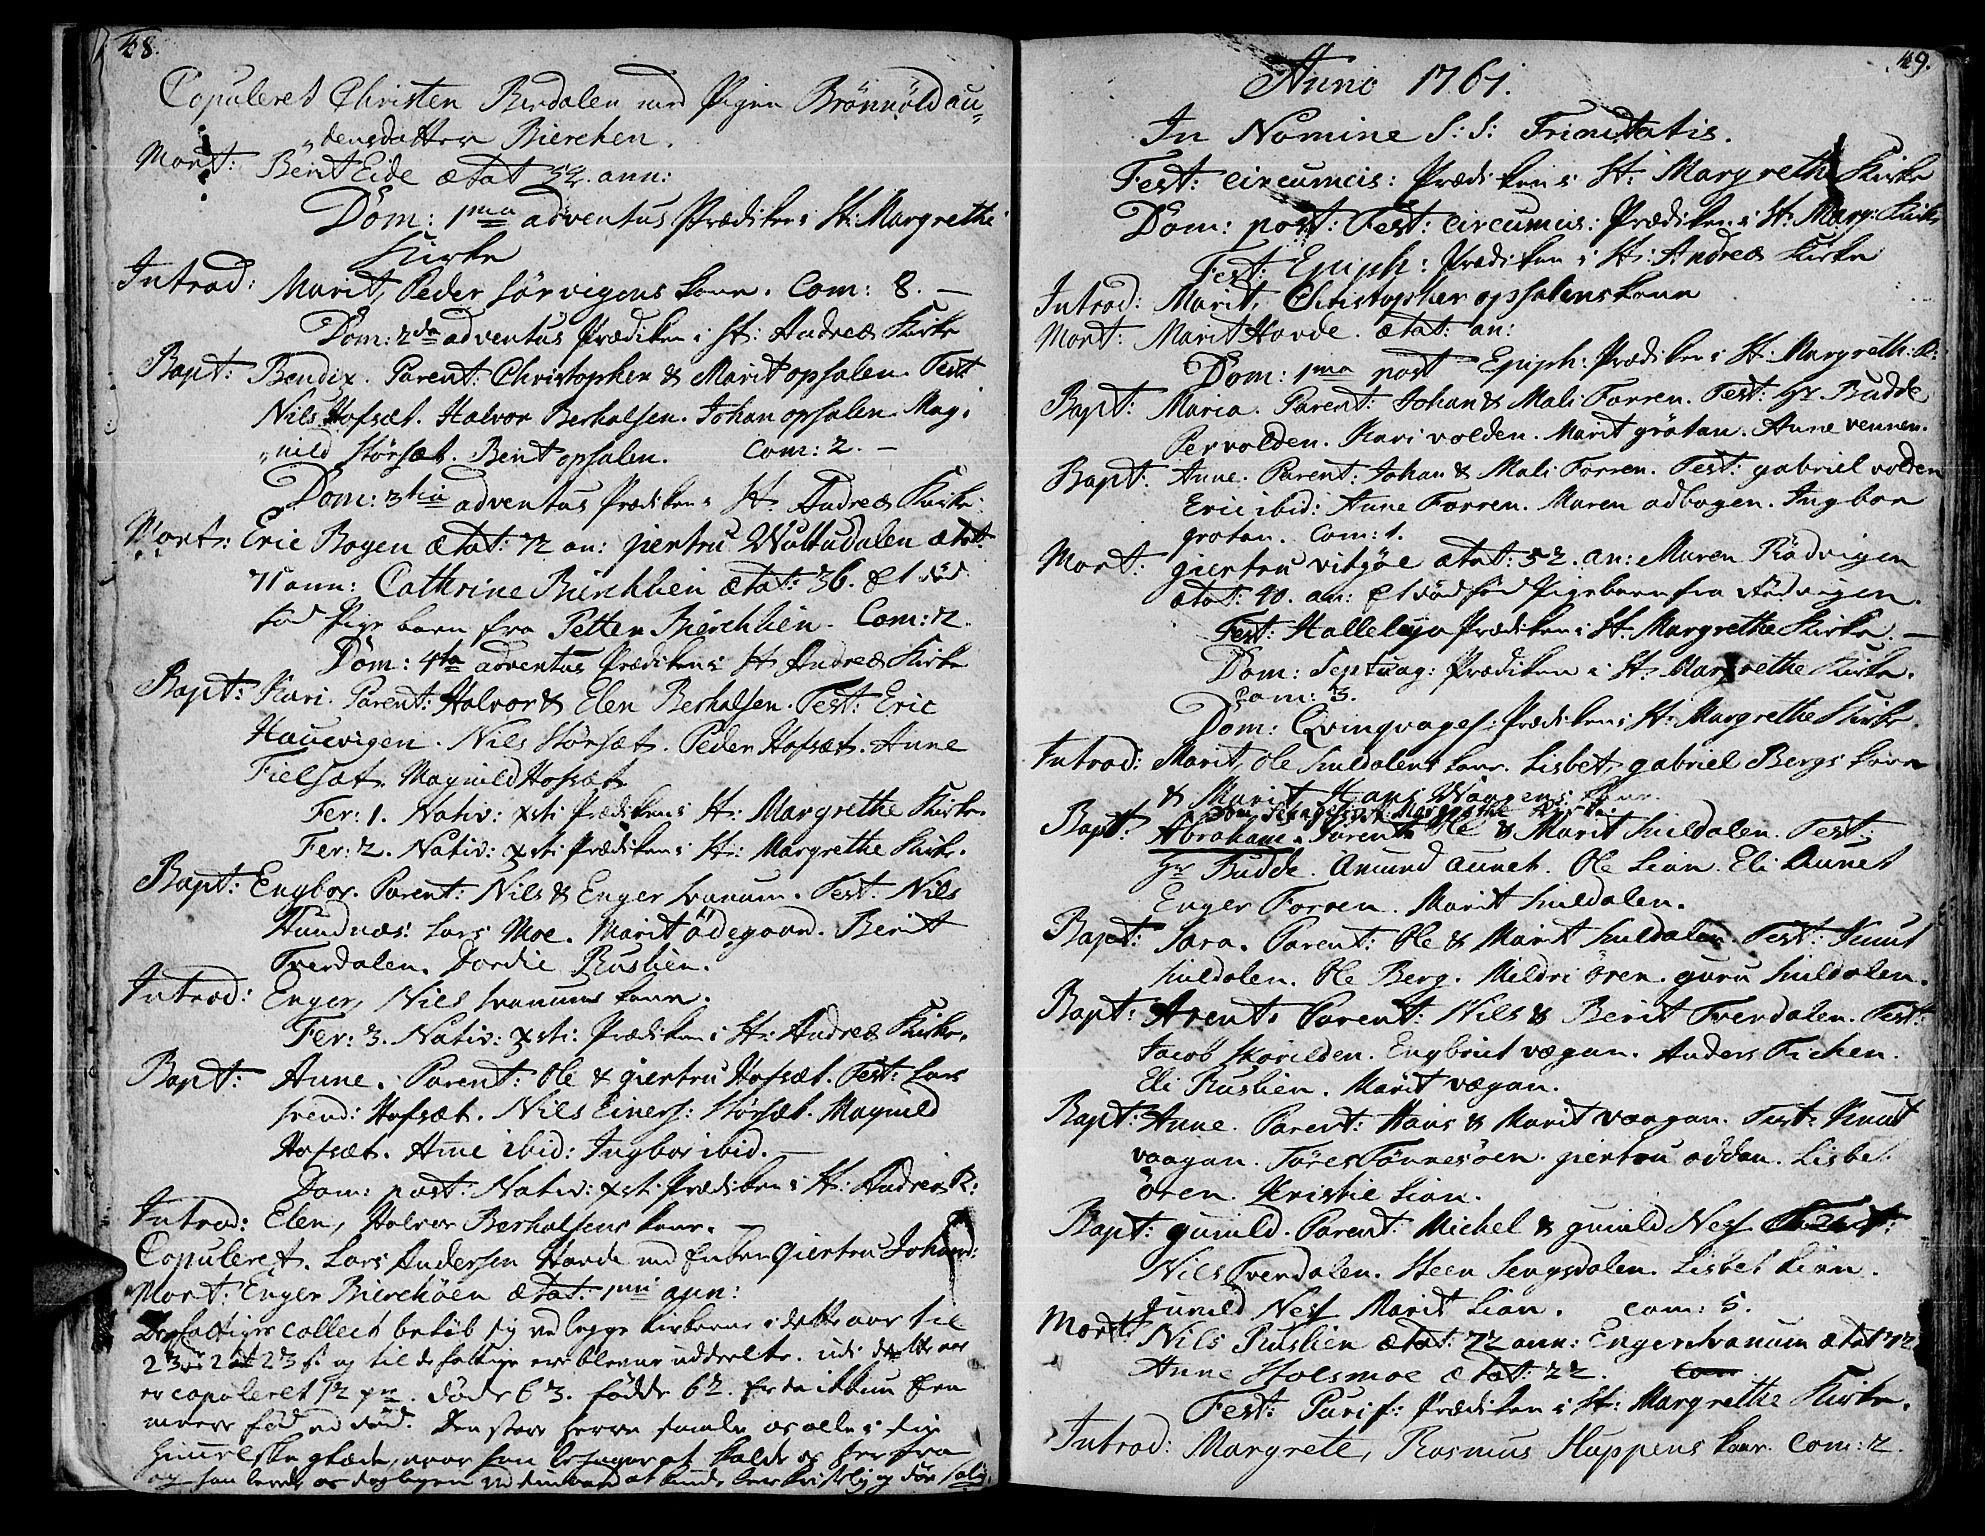 SAT, Ministerialprotokoller, klokkerbøker og fødselsregistre - Sør-Trøndelag, 630/L0489: Ministerialbok nr. 630A02, 1757-1794, s. 48-49